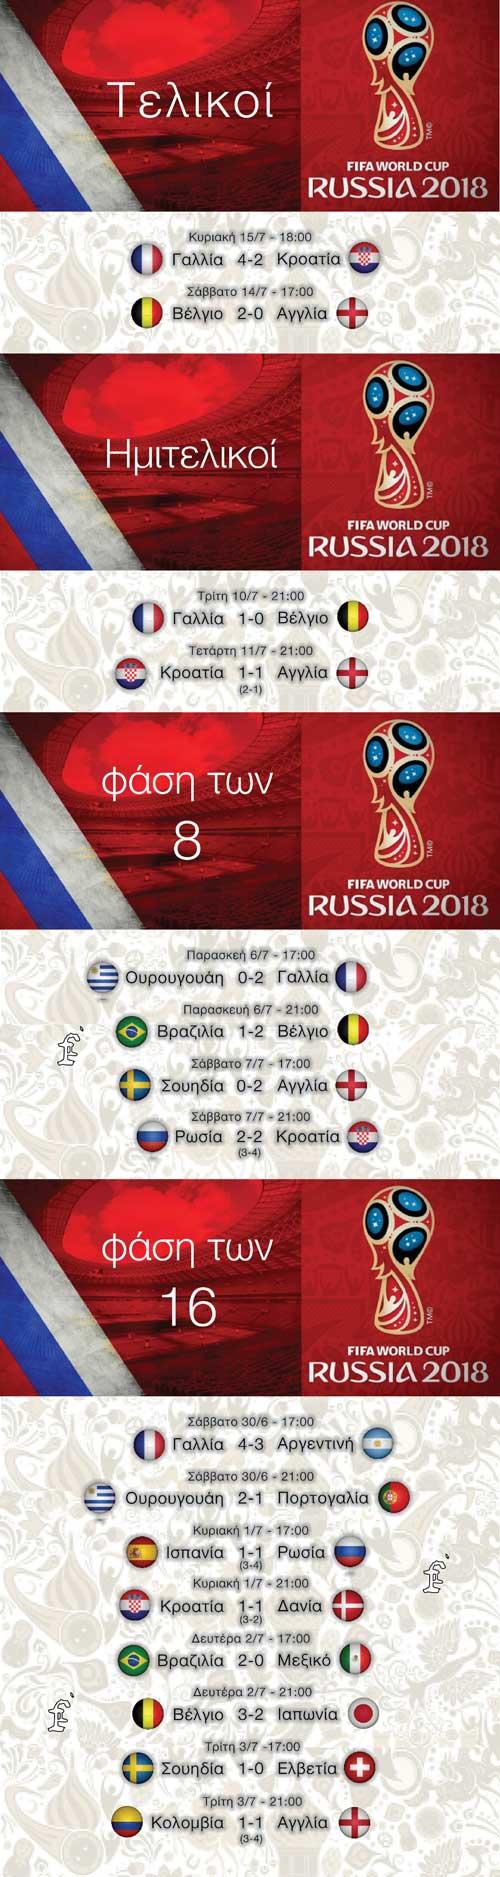 russia2018-final-small